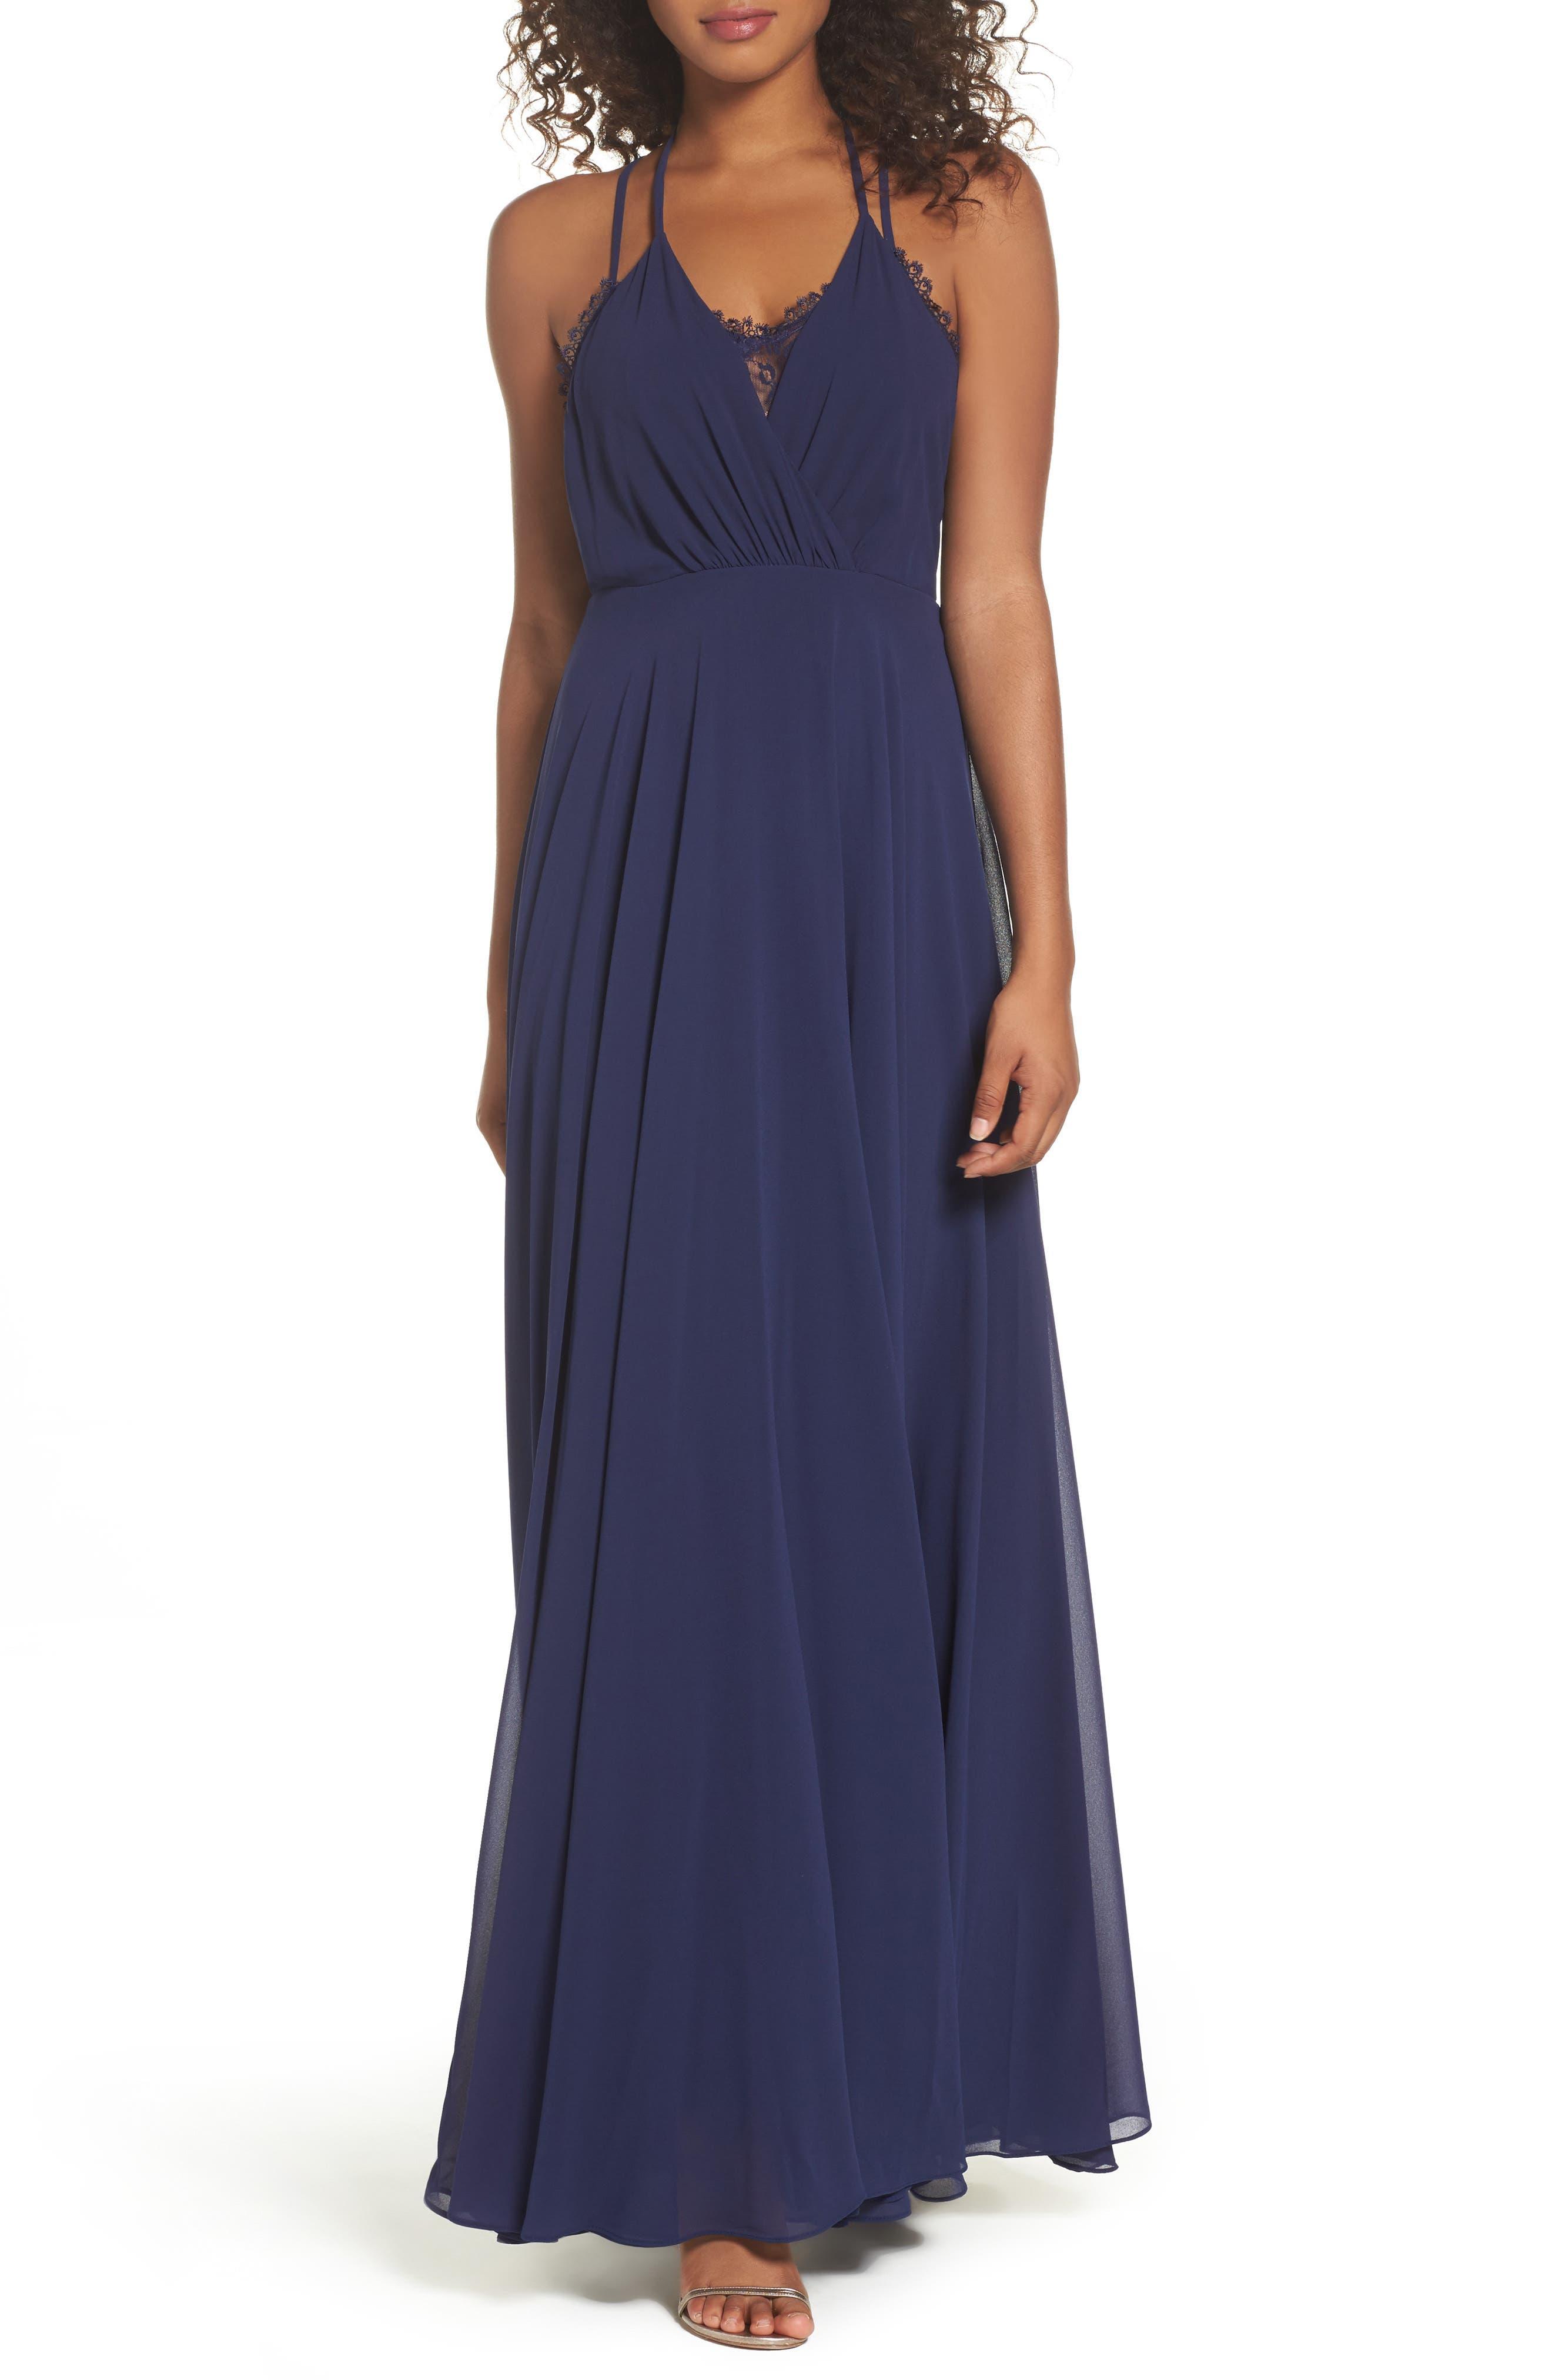 Lulus Celebrate the Moment Lace Trim Chiffon Maxi Dress